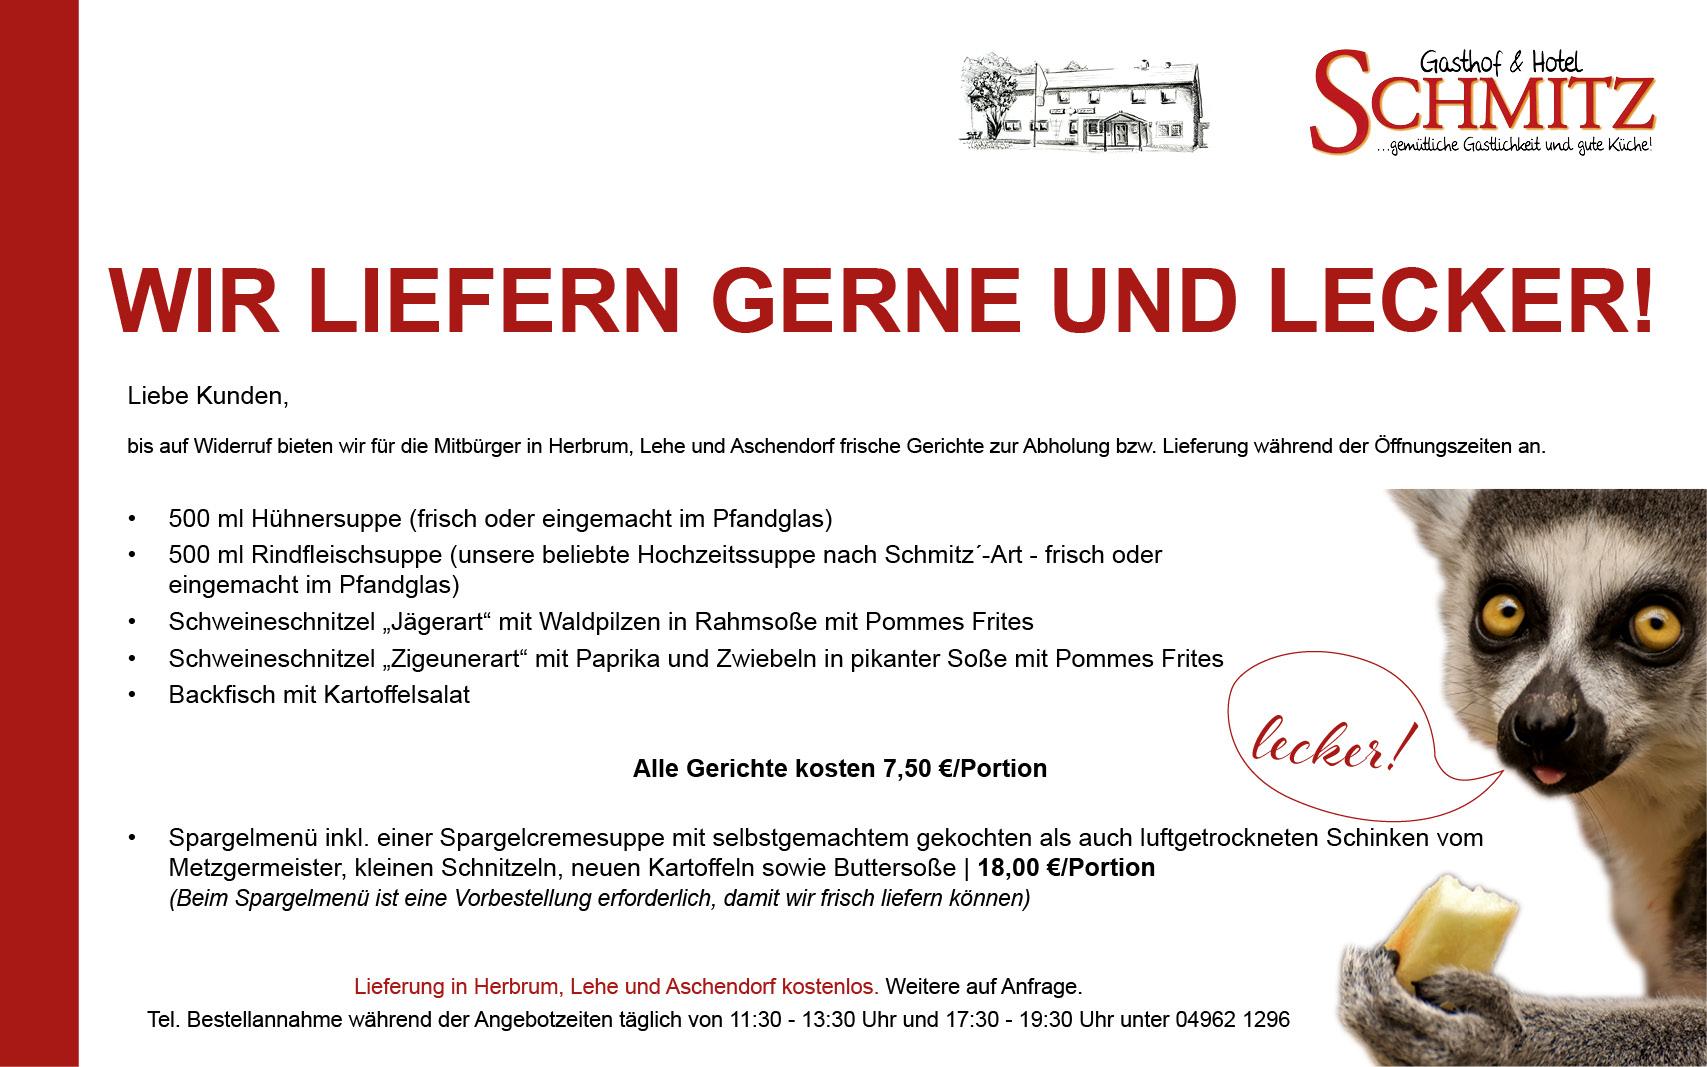 Angebot des Gasthofes Schmitz, Herbrum - Wir liefern gerne und lecker!